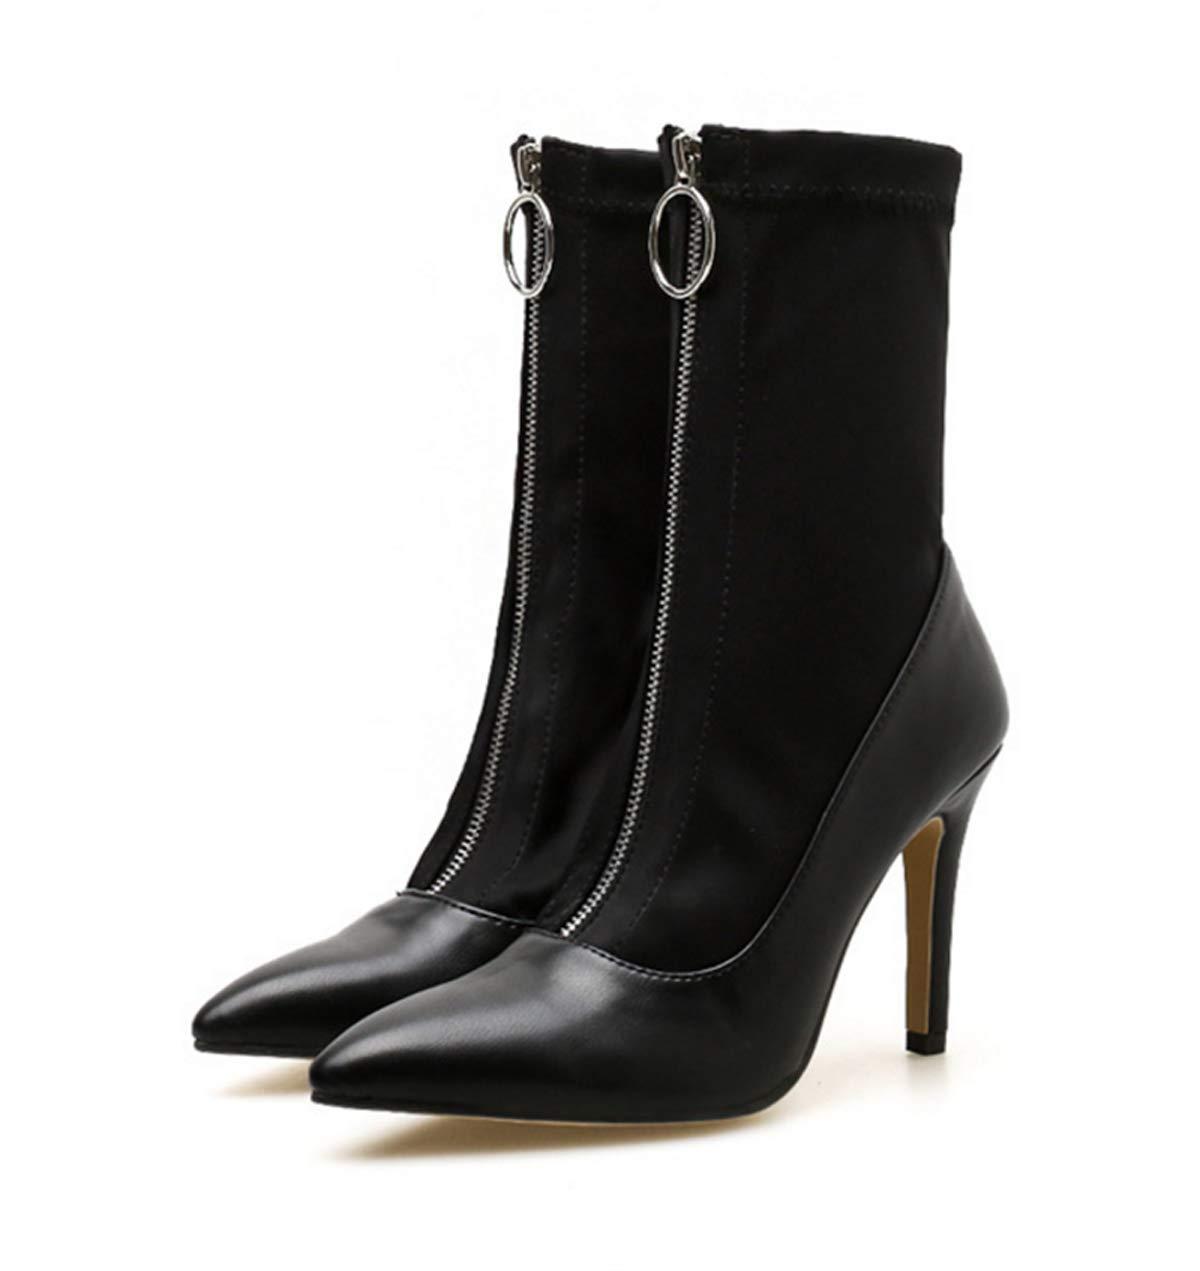 LBTSQ-Moda Scarpe da Donna Ha Testa Sottile Tacco Tacco di 10Cm Super Tacco Alto Zip Cavalleria Gli Stivali.36 nero